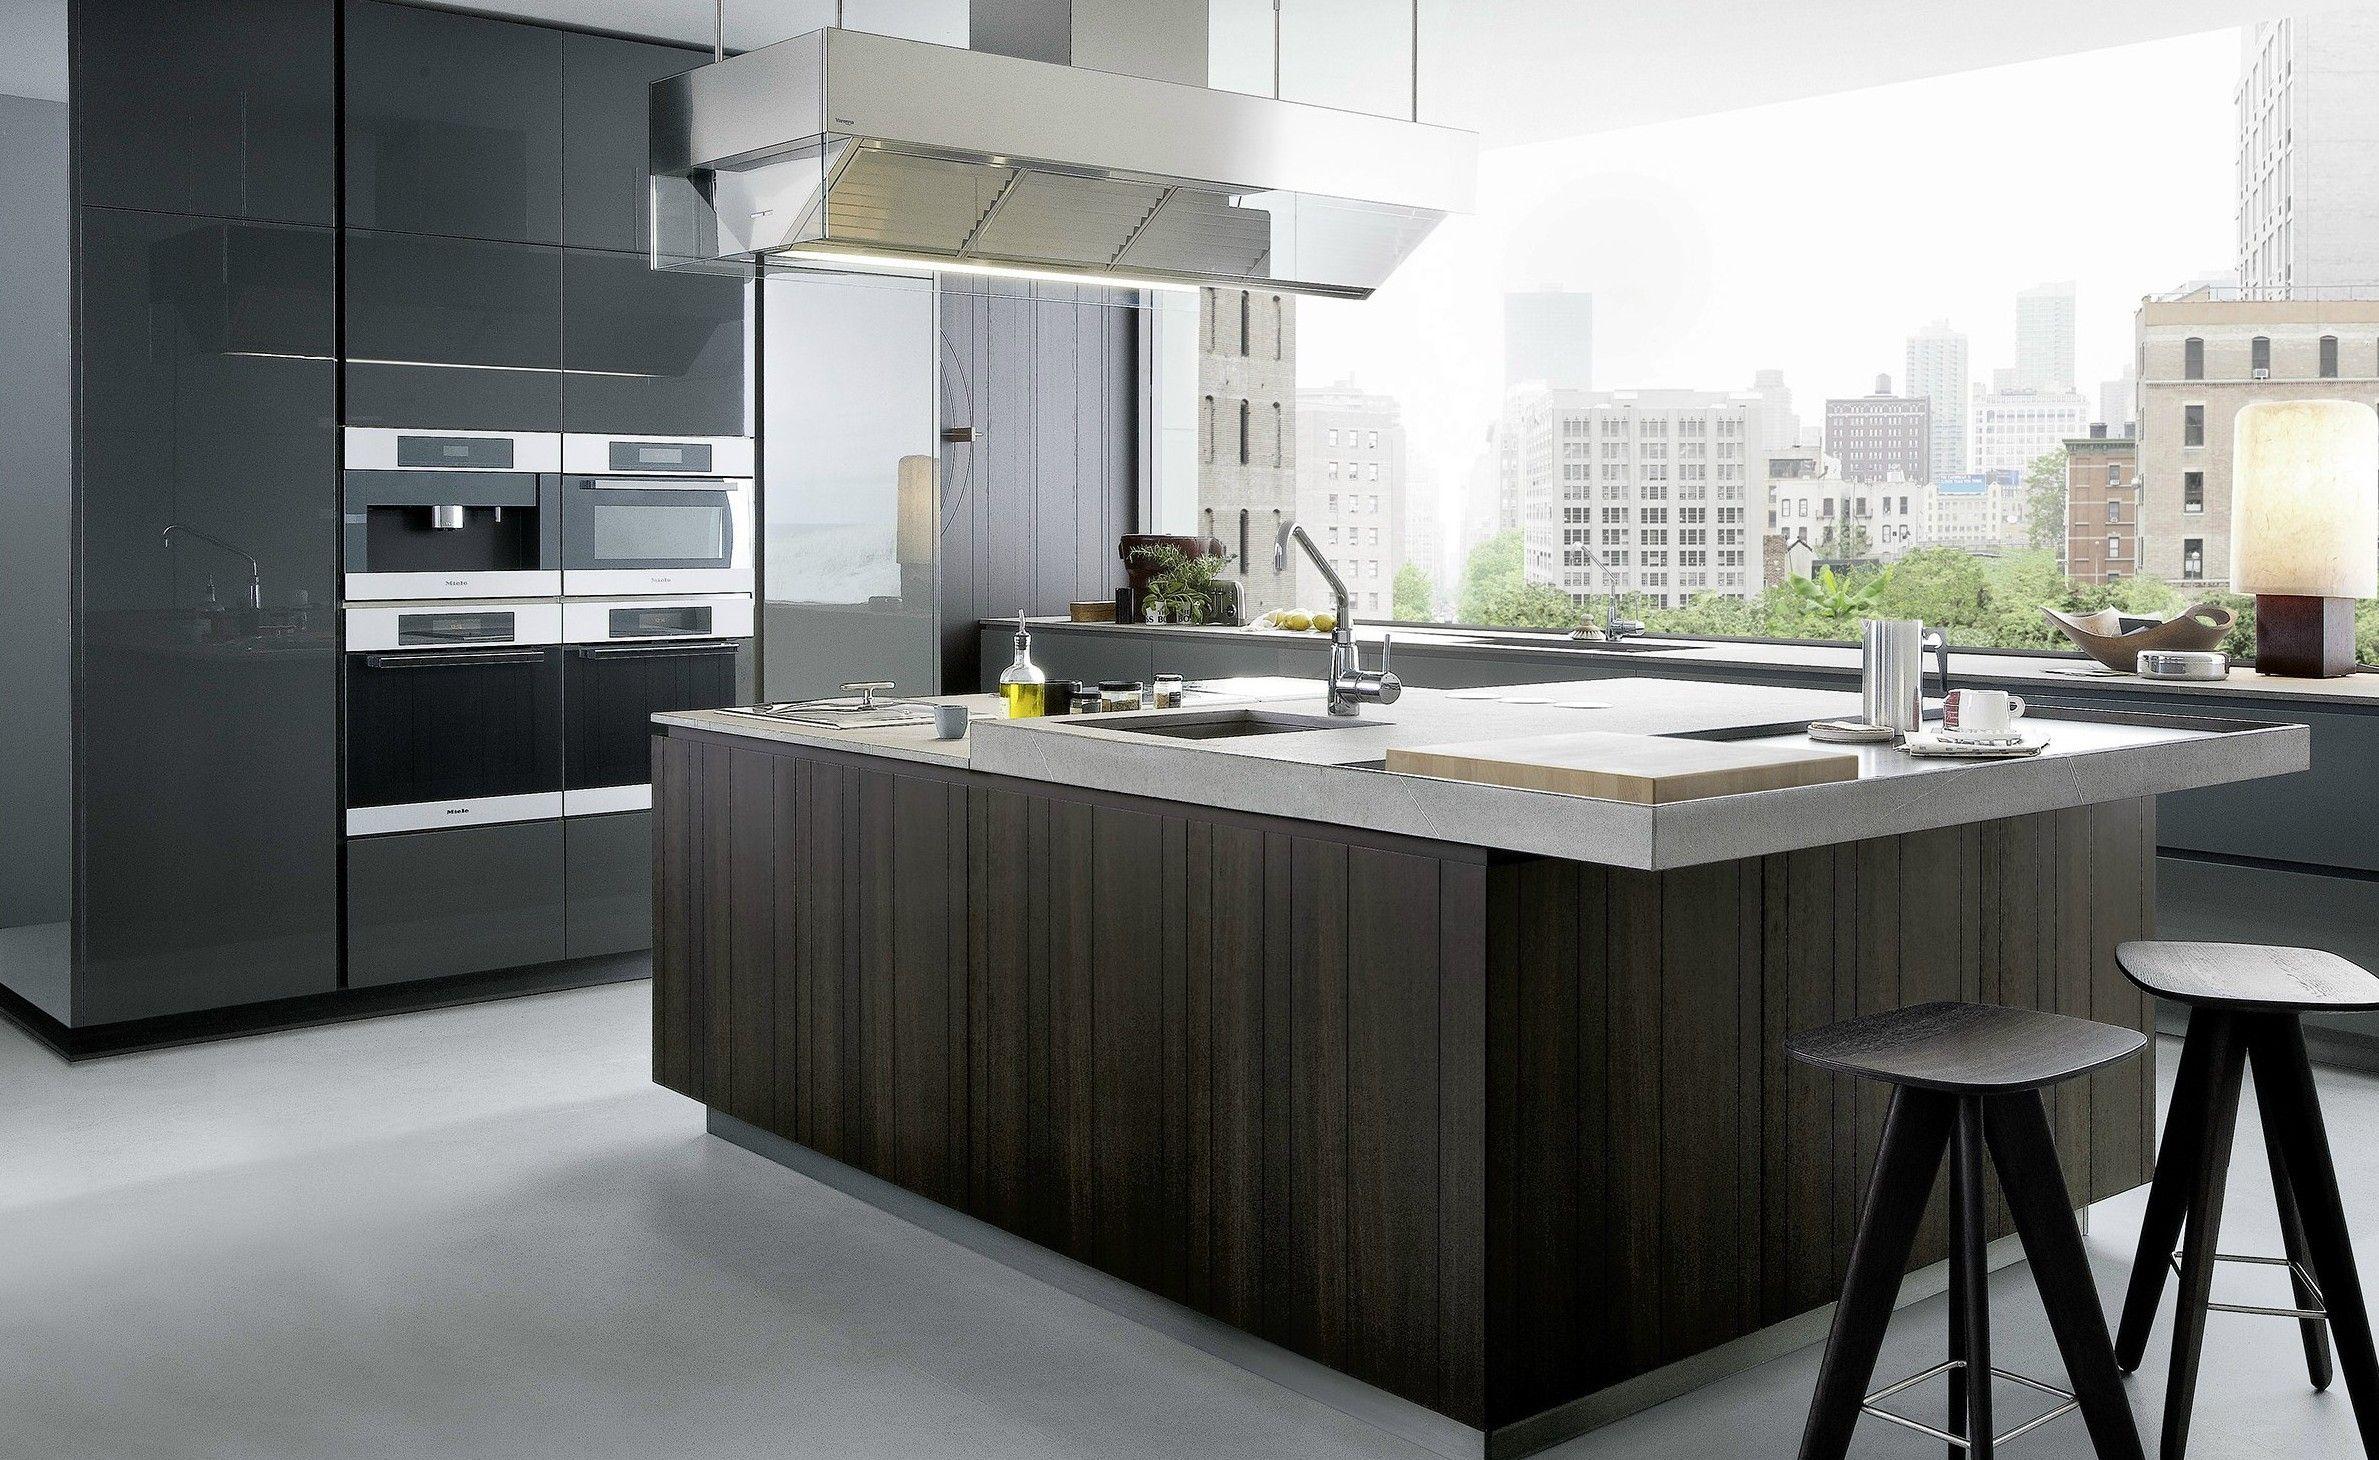 Muebles de cocina gunni trentino cocinas pinterest for Disenos de muebles de cocina colgantes